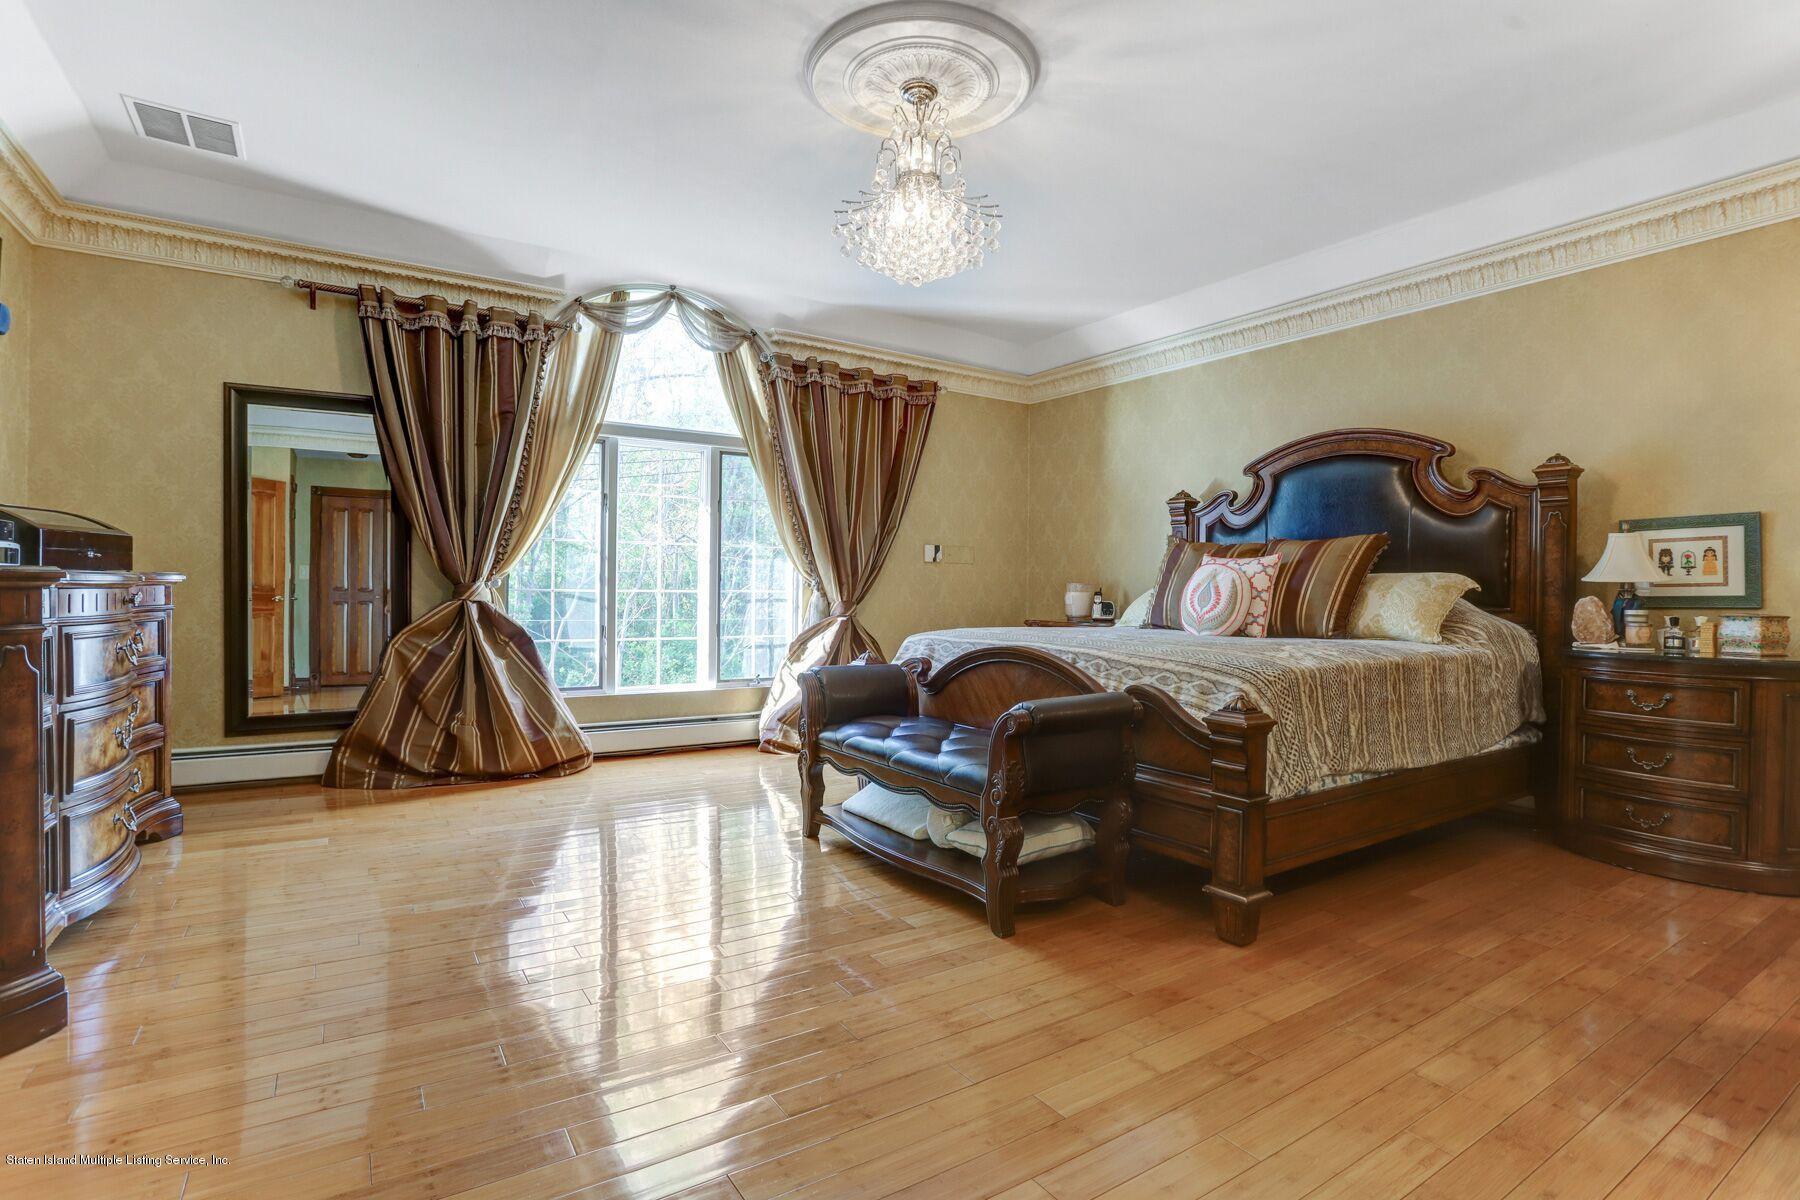 Single Family - Detached 44 Edith Avenue  Staten Island, NY 10312, MLS-1128822-9